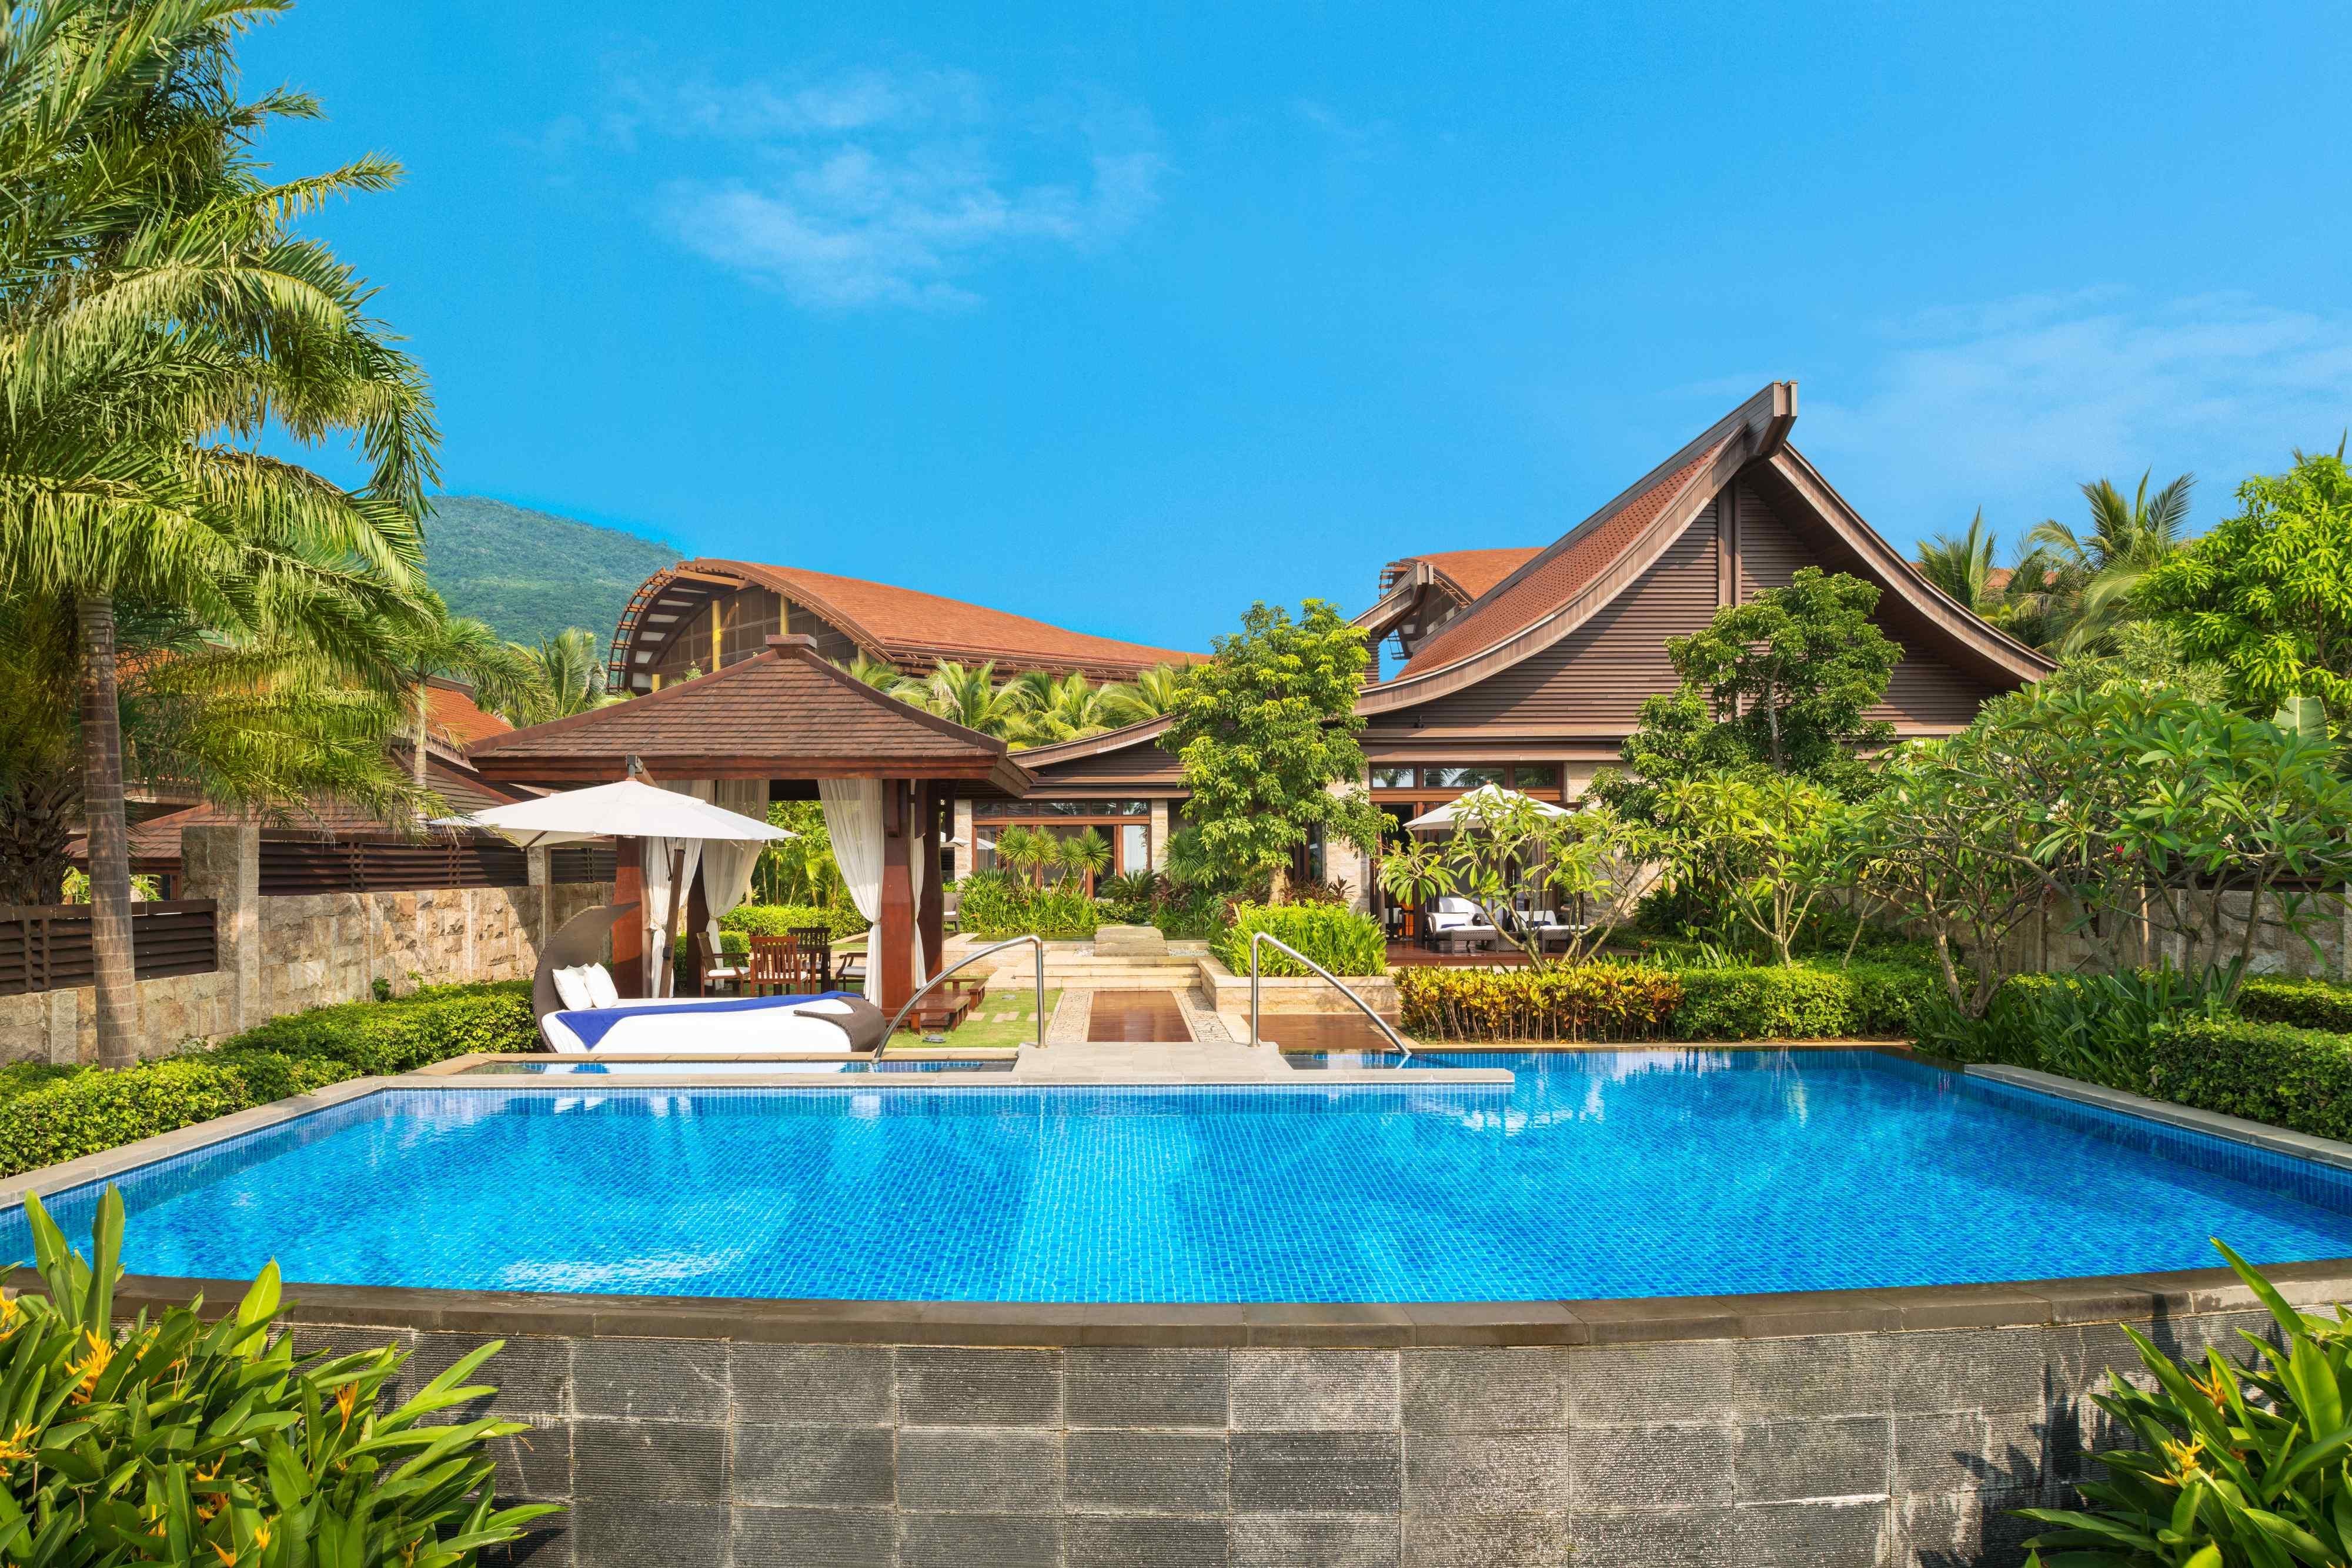 Royal Villa - Outdoor